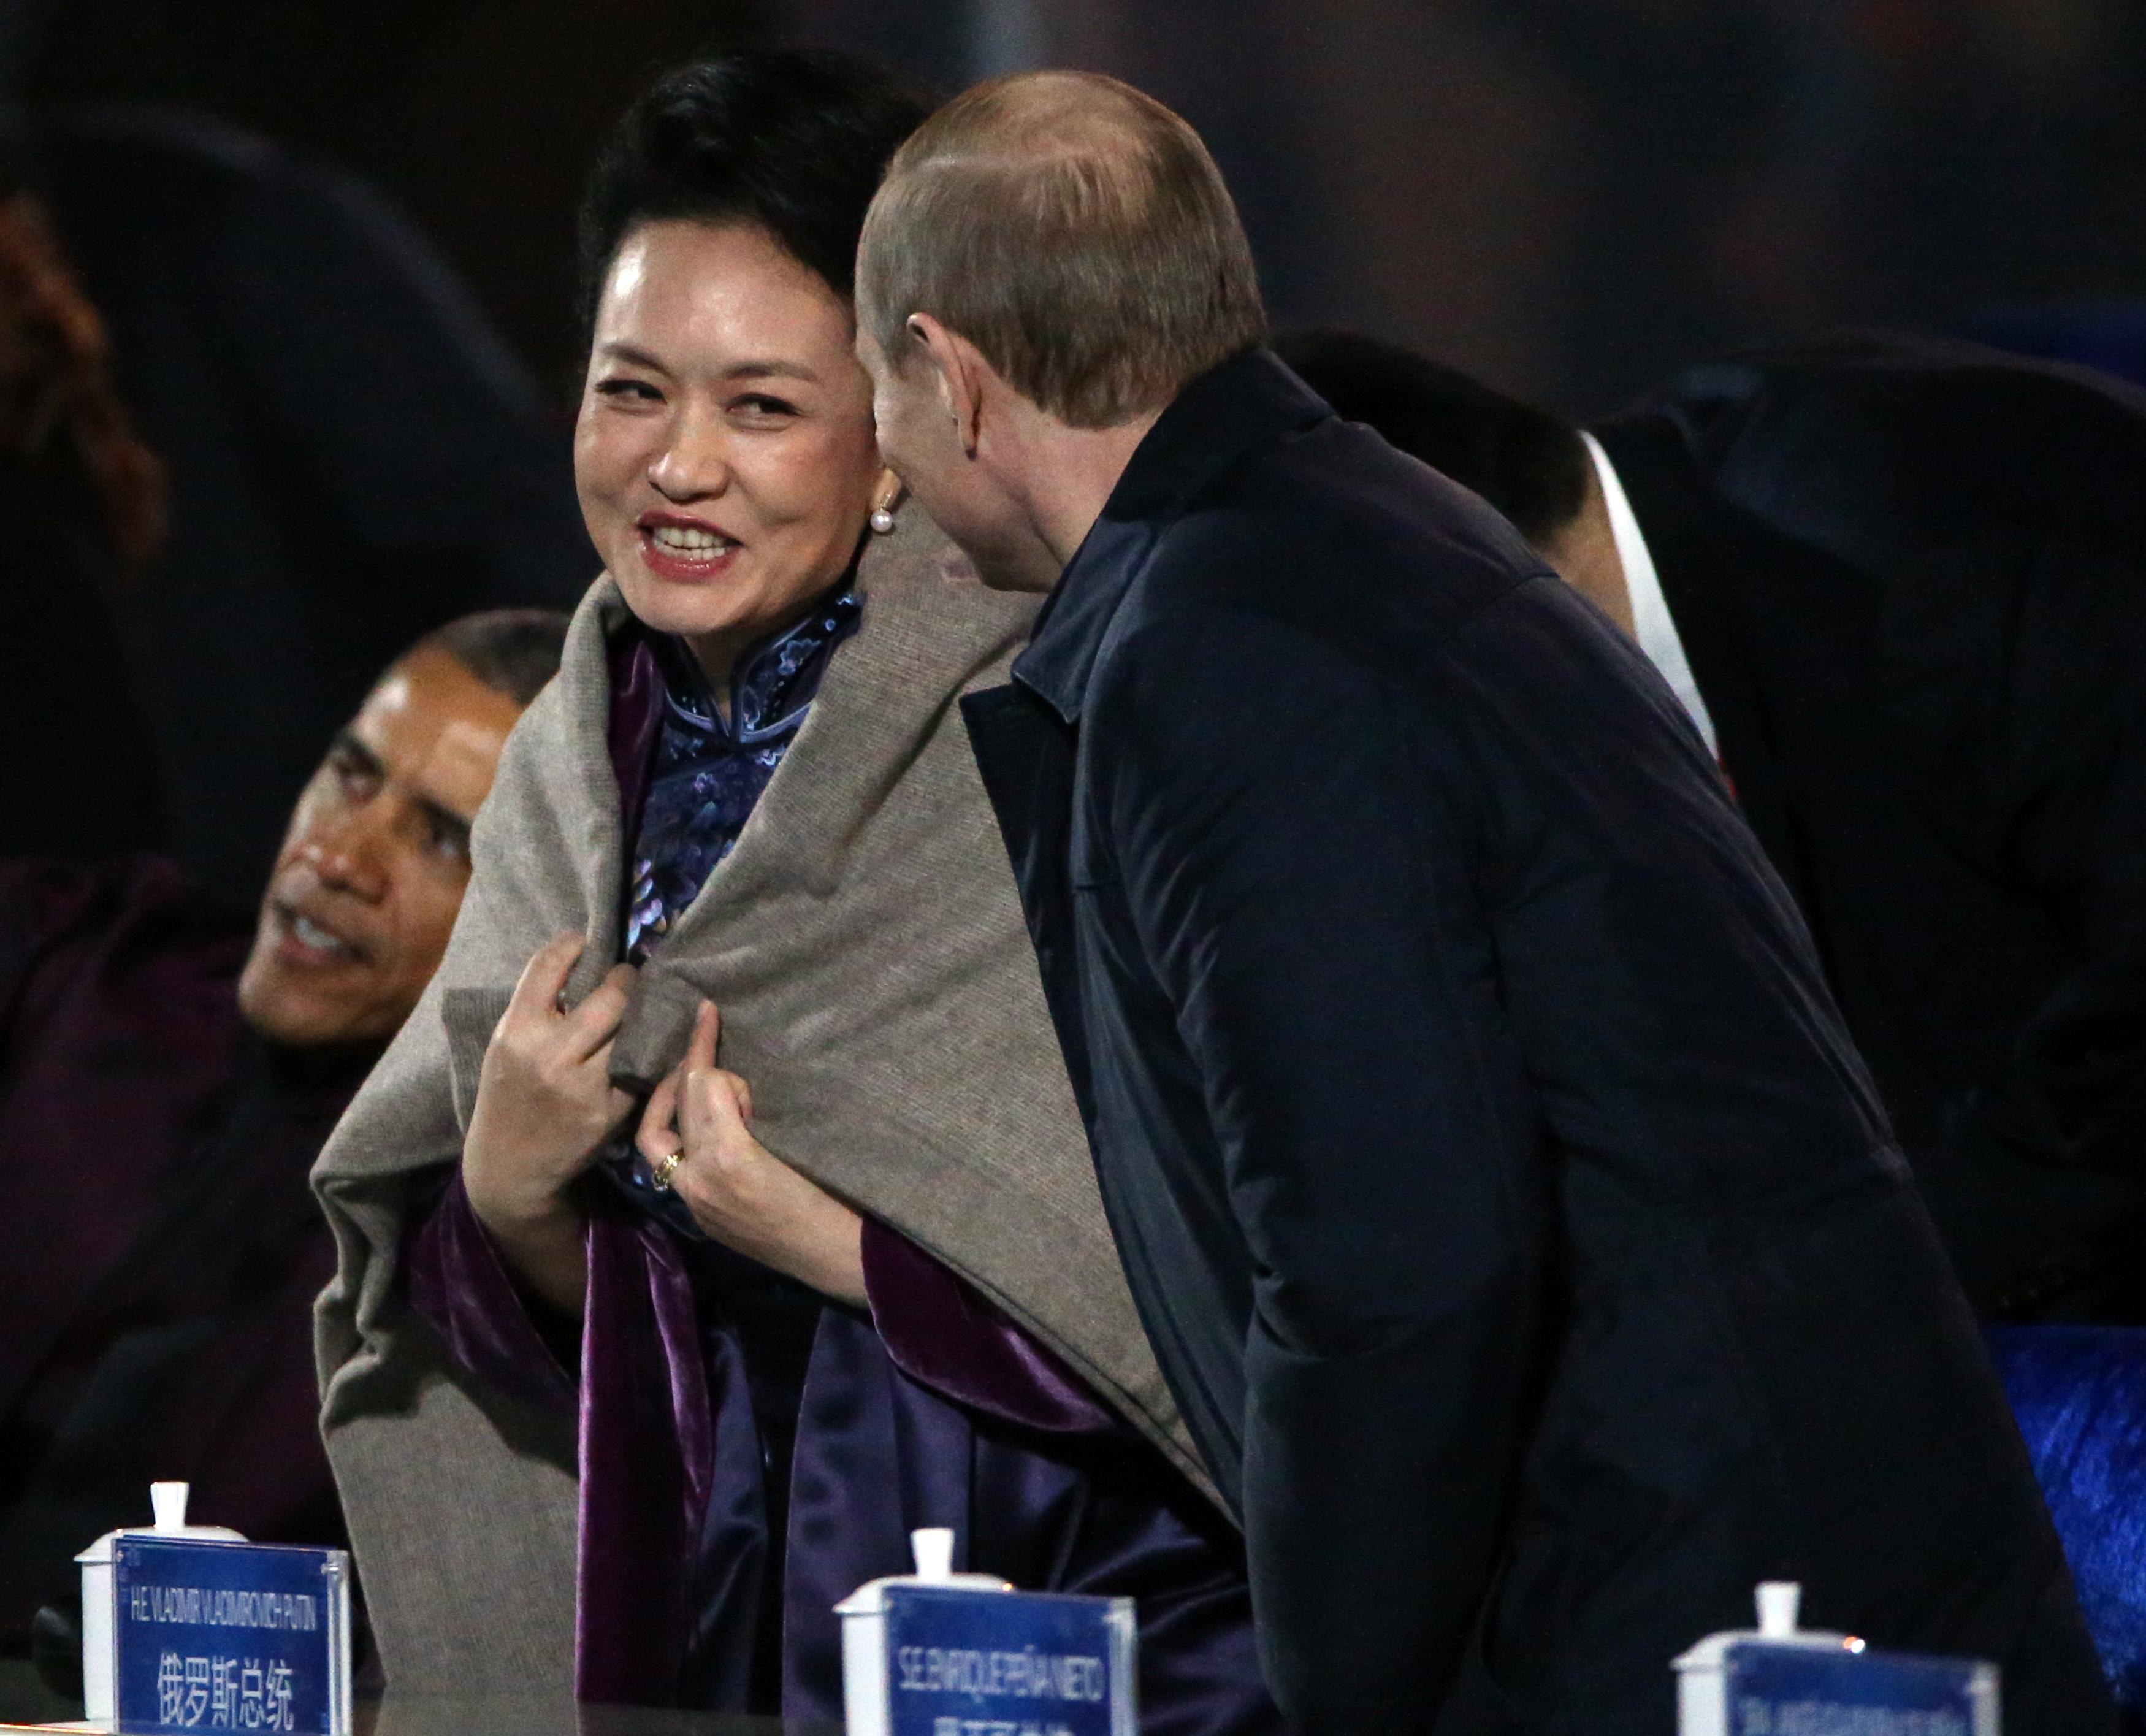 """1/10. Новембар 2014. Председник Русије Владимир Путин умало је изазвао дипломатски скандал када је недавно огрнуо шалом Пенг Лијуан, супругу генералног секретара ЦК КП Кине Си Ђинпинга, који је у том тренутку био заузет разговором са америчким председником Бараком Обамом. Шал се на њеним раменима није дуго задржао – после неколико тренутака супруга кинеског лидера предала га је припаднику обезбеђења и обукла своју црну јакну. Многи светски медији осврнули су се на овај Путинов гест на самиту АТЕС, уз опаске да он може бити погрешно протумачен у кинеском друштву у коме се сматра неприхватљивим да странац додирне жену. Међутим, Путинов портпарол Дмитриј Песков одбацио је ове медијске наводе као """"гласине и непотребну дискусију"""" и рекао да """"без обзира да ли је то обичај или није, и да ли је реч о женској особи, свакоме може да буде хладно""""."""